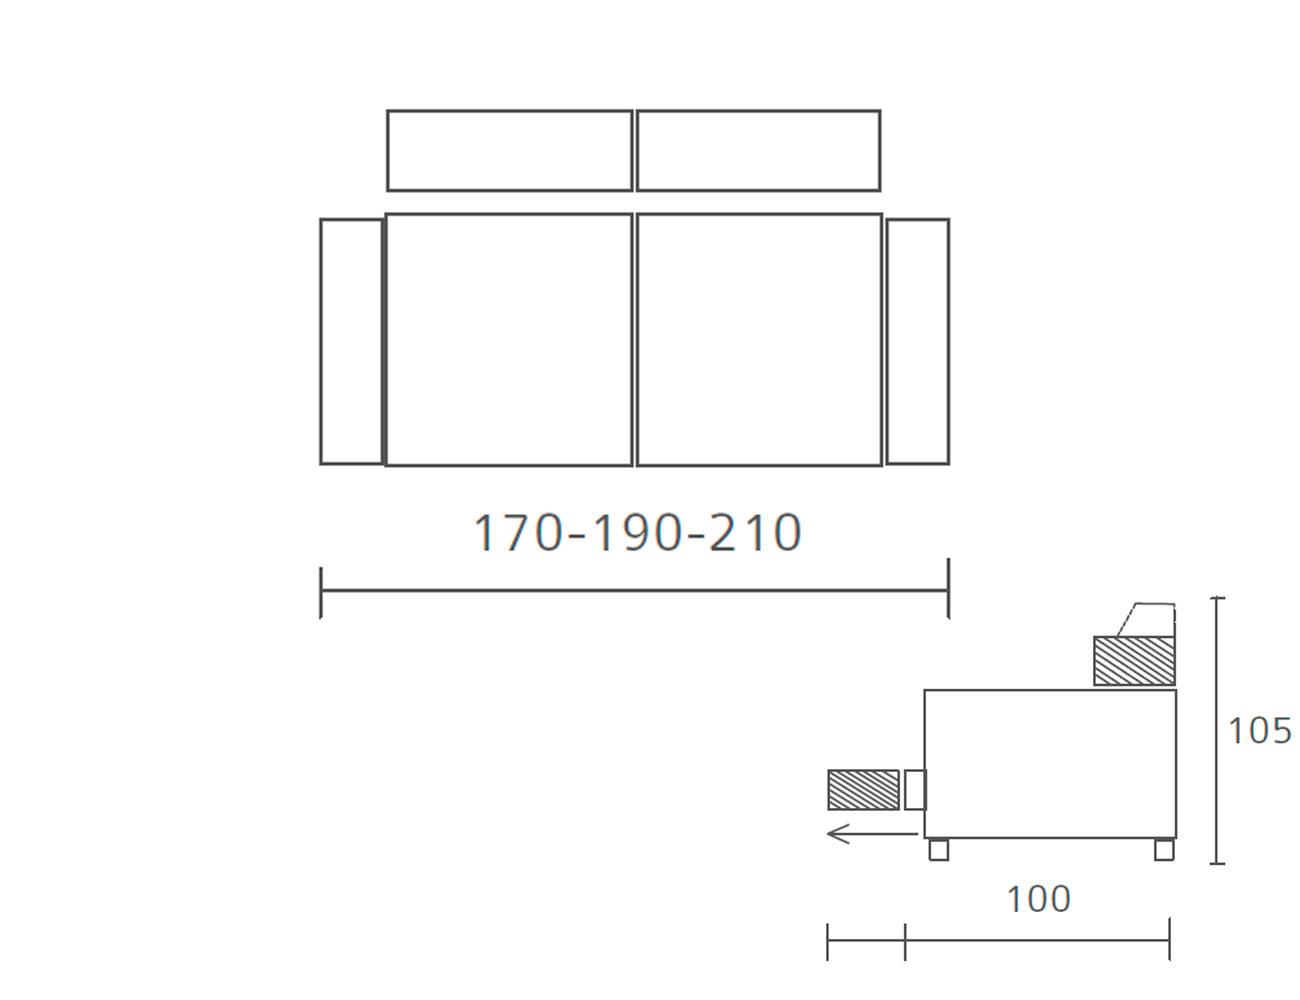 Sofa 120 190 21015